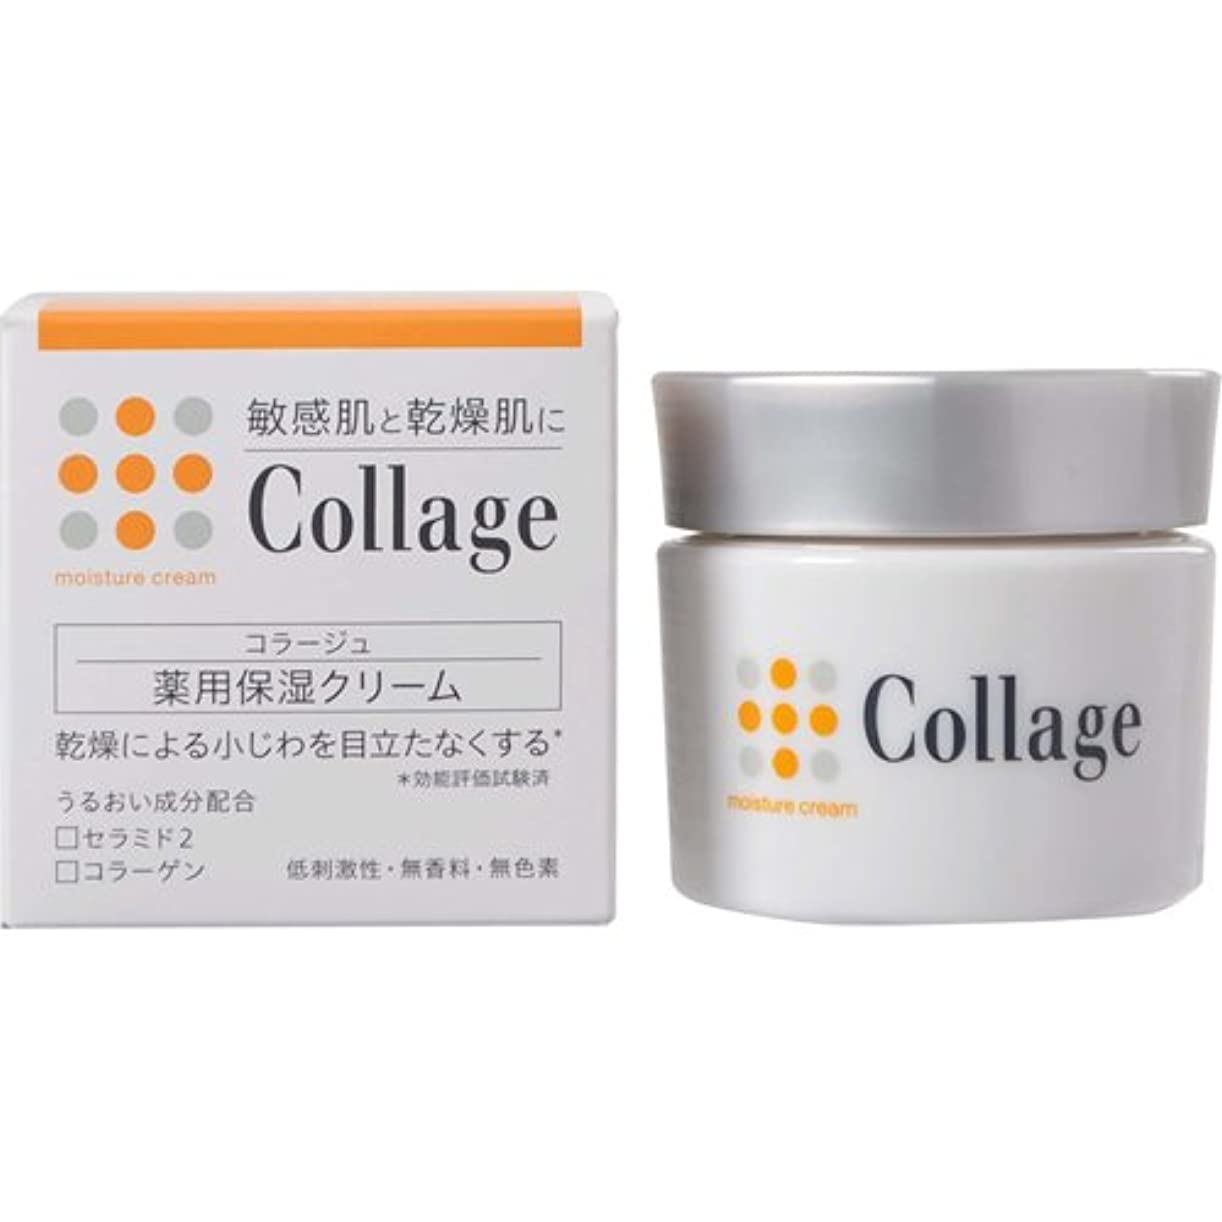 感じる昼間横コラージュ 薬用保湿クリーム 30g 【医薬部外品】